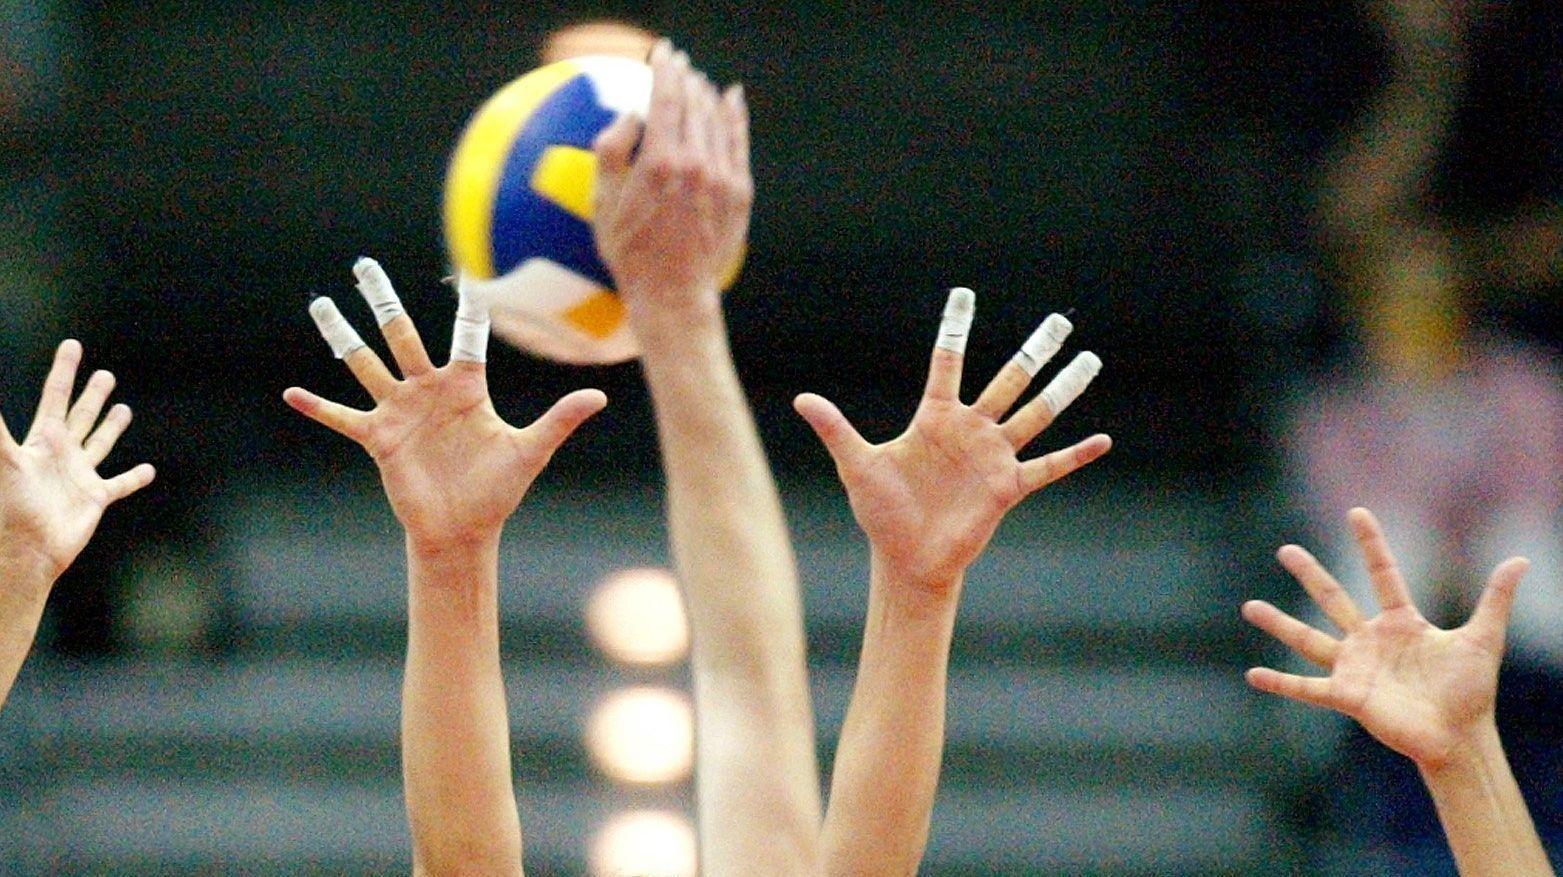 Volleyballspiel (Symbolbild)